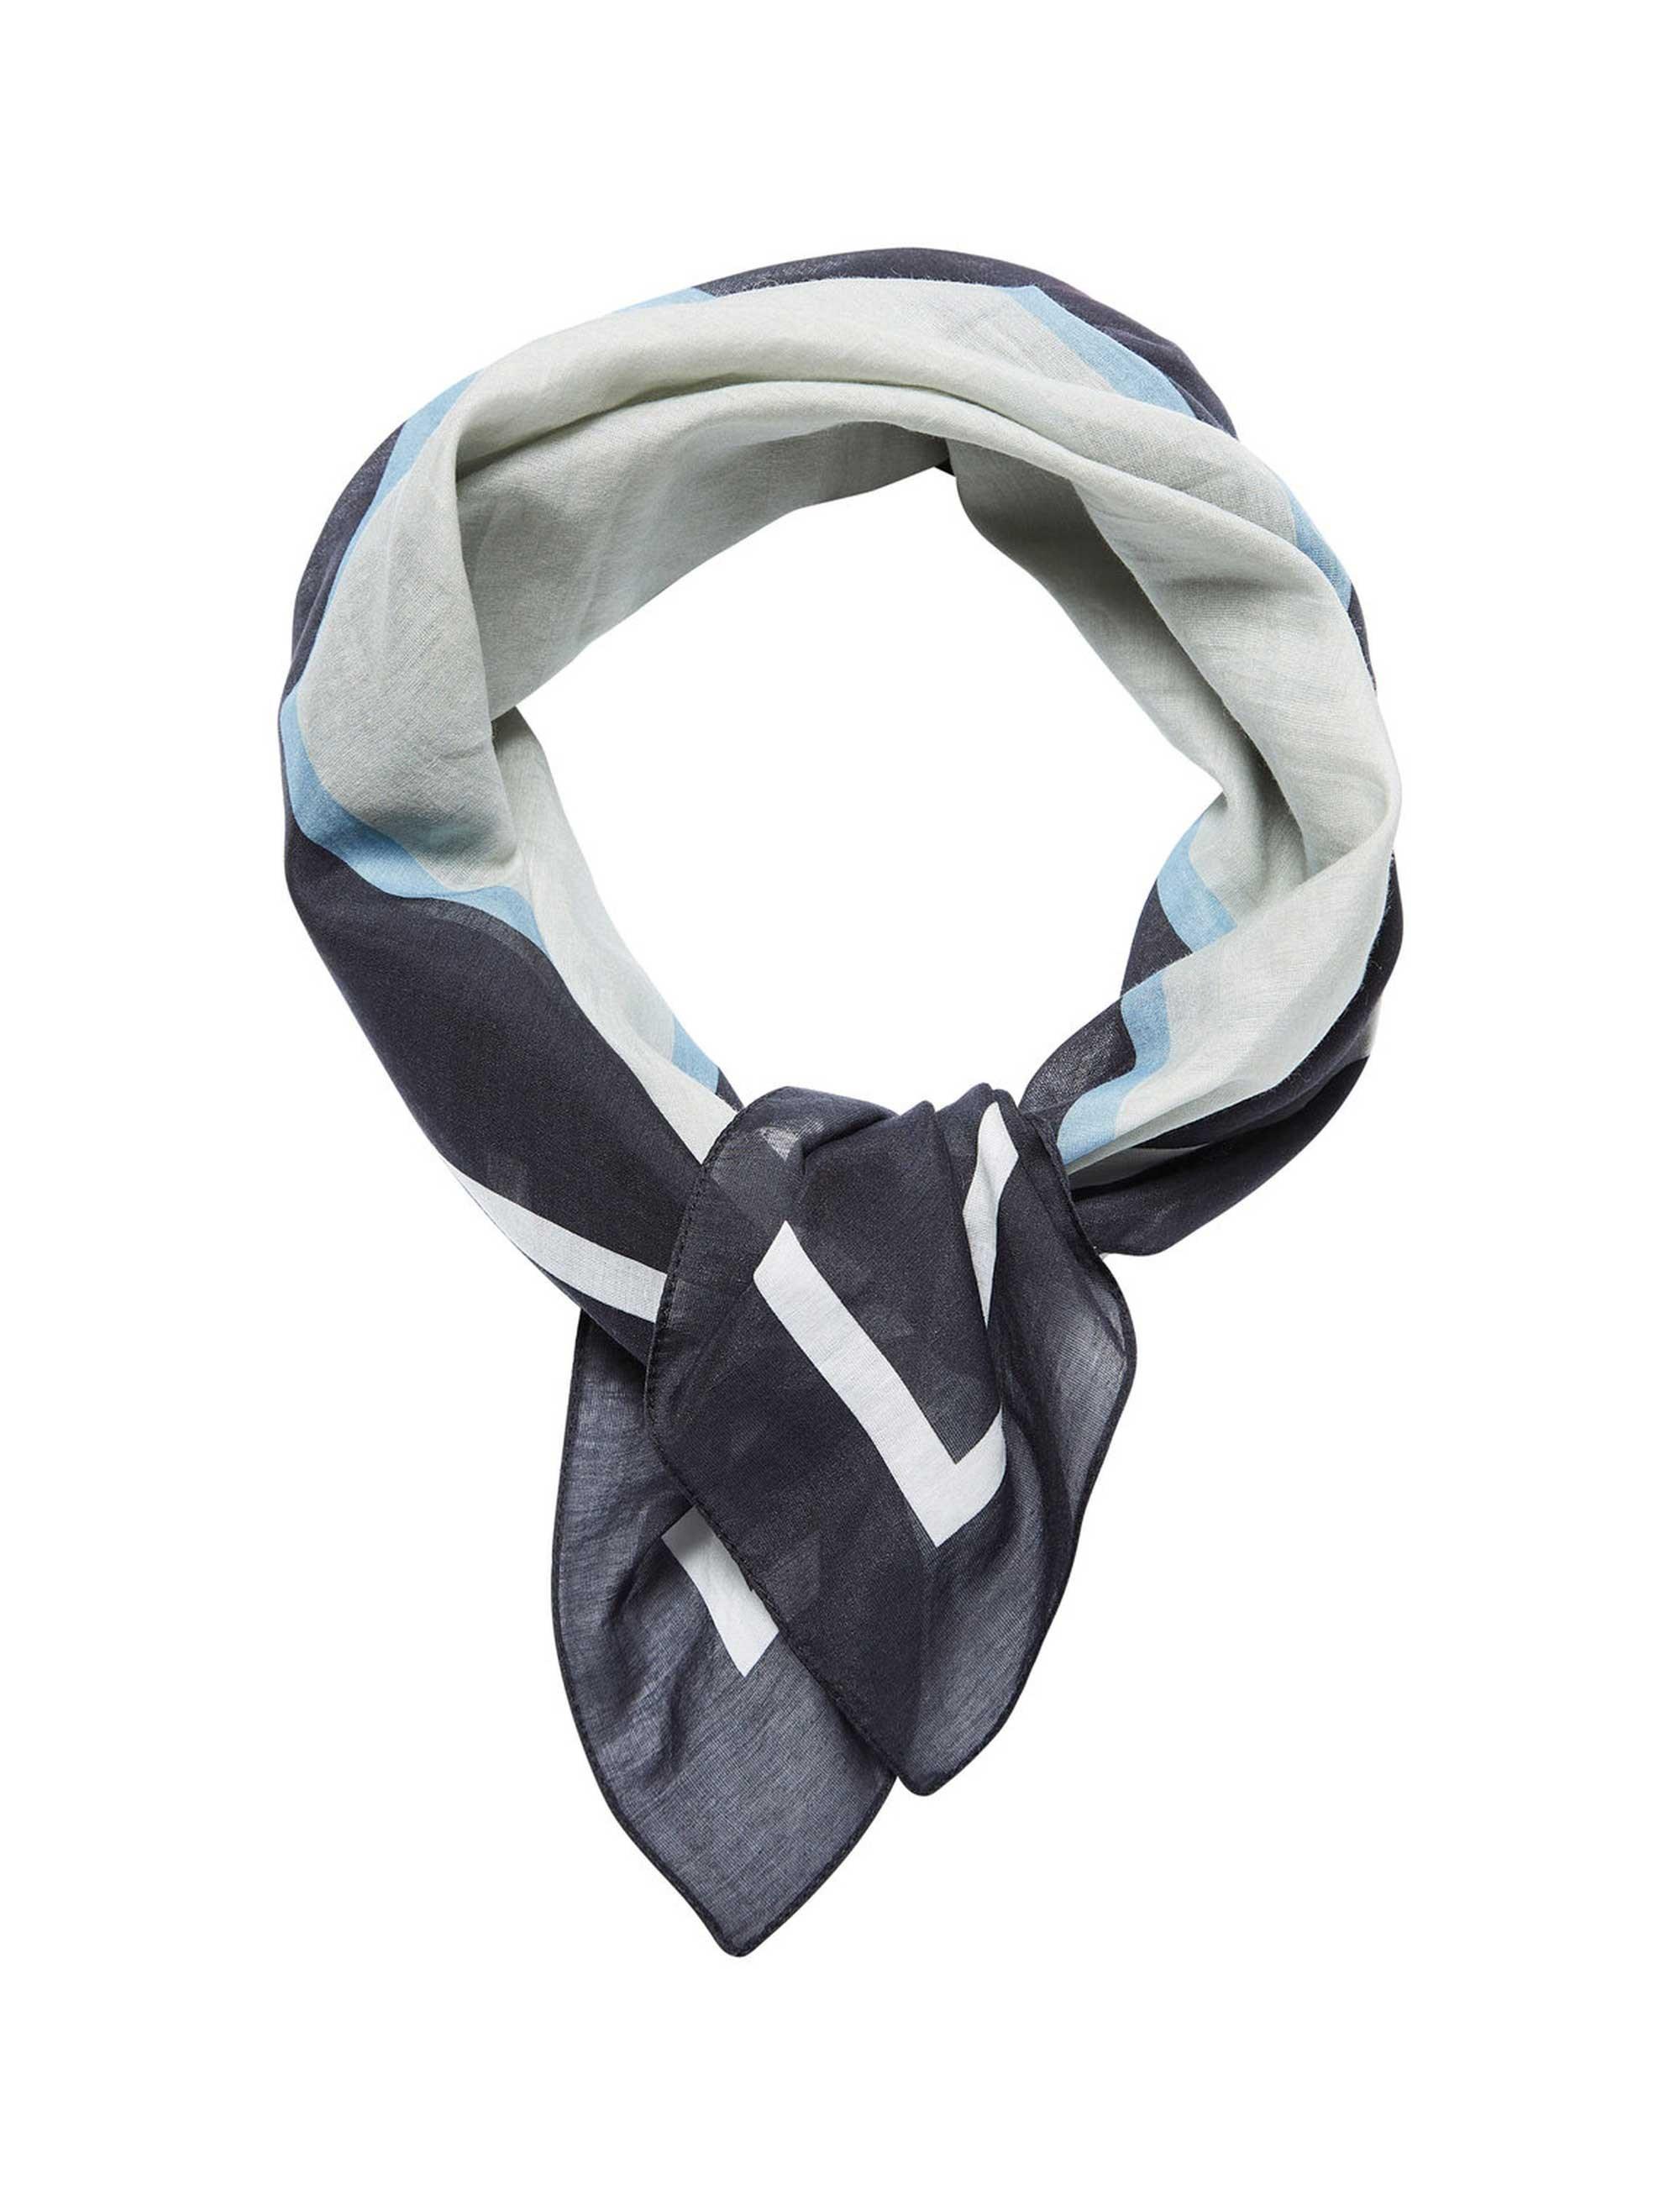 روسری نخی طرح دار زنانه - سلکتد - سفيد و آبي - 1